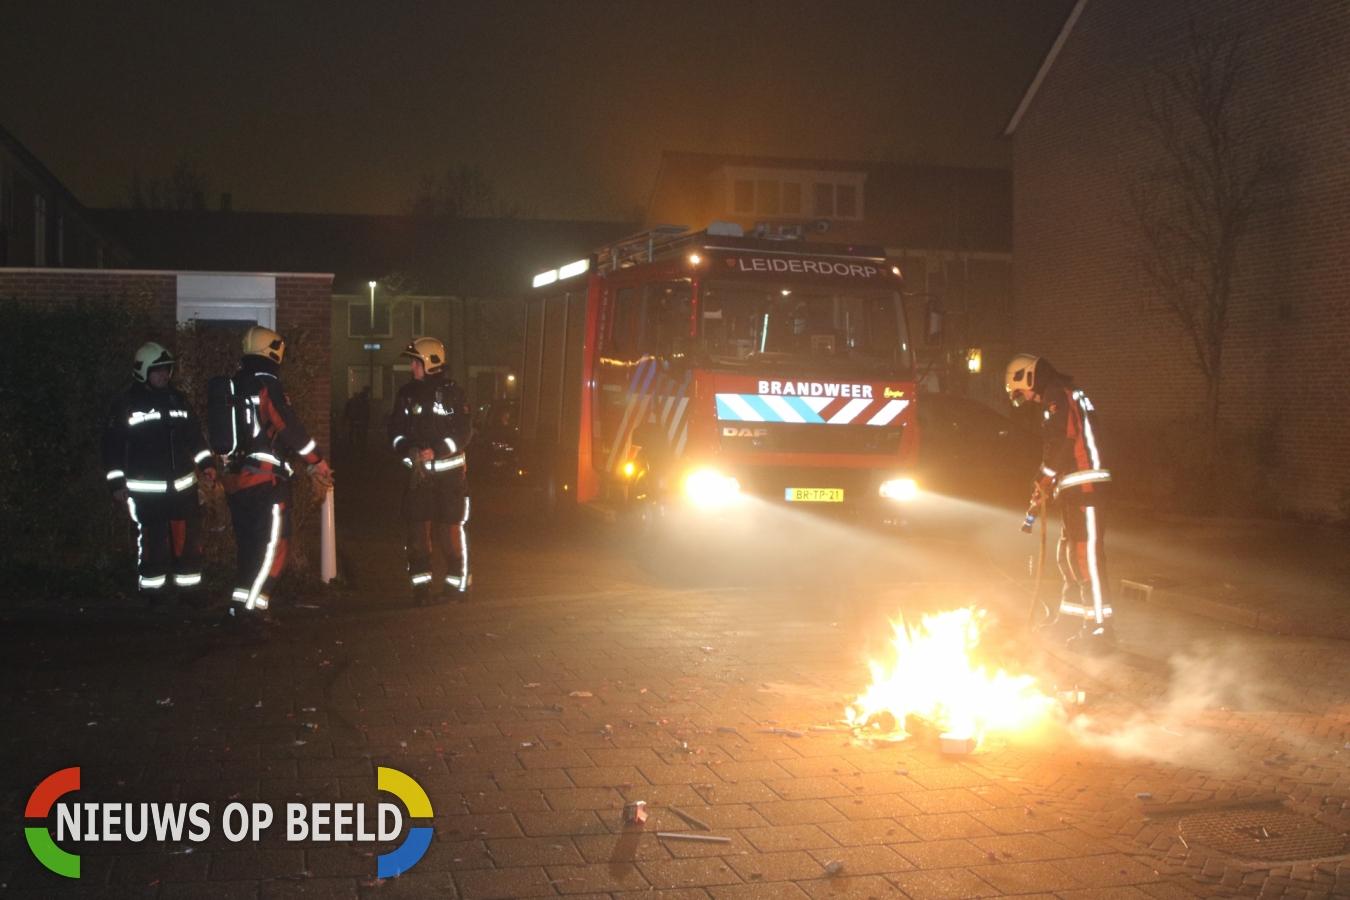 Brandweer druk met verschillende brandjes Mauritssingel Leiderdorp